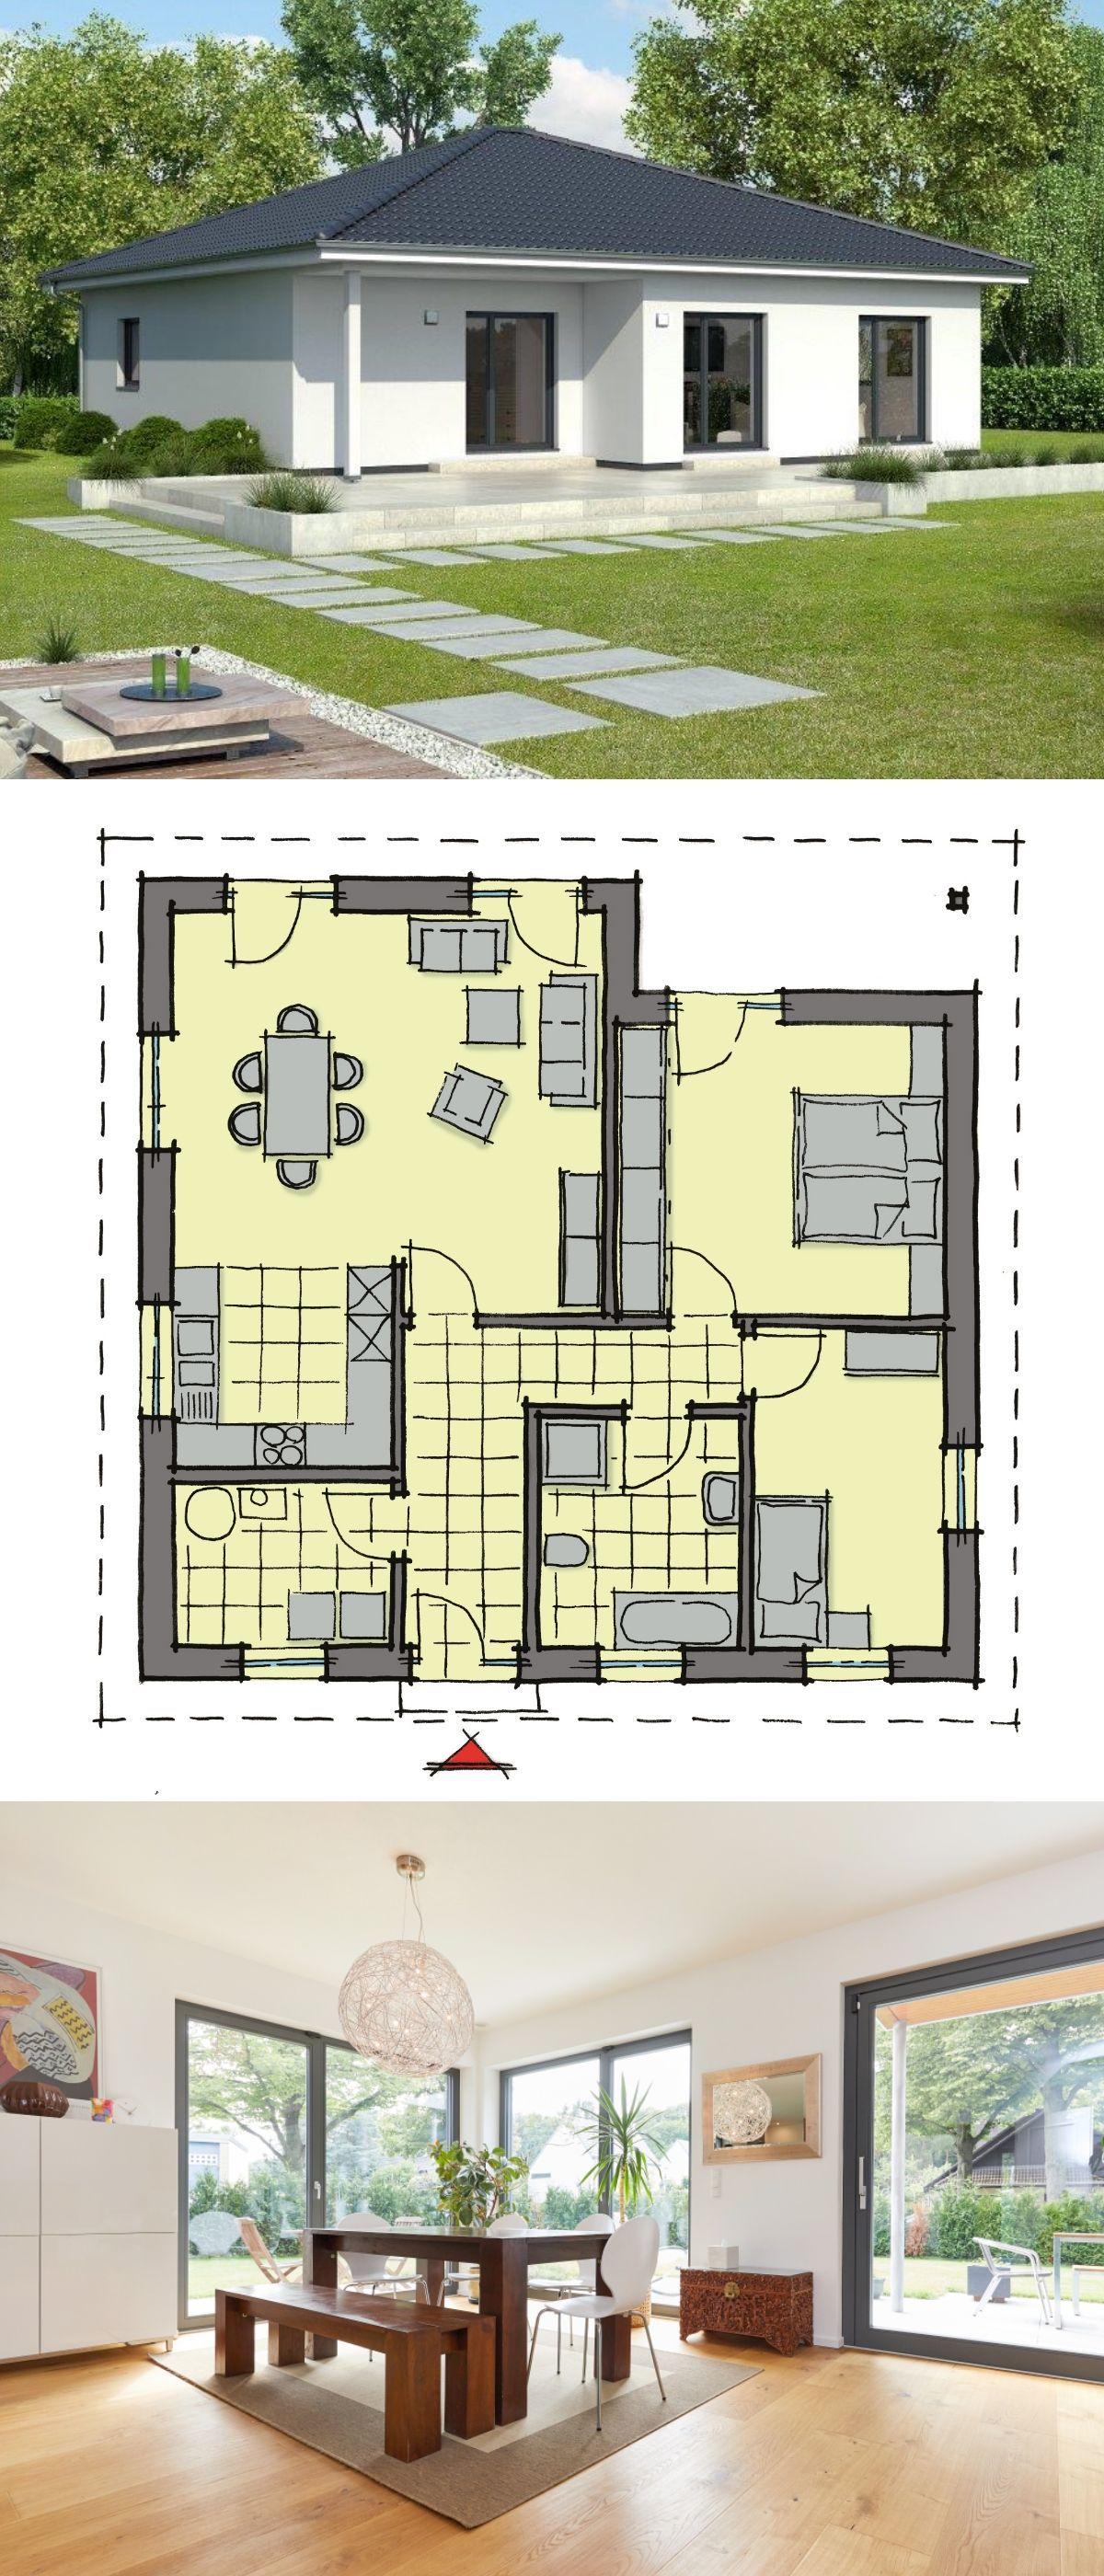 Bungalow Haus Grundriss Ebenerdig Mit Walmdach Architektur U0026 Inneneinrichtung  Modern Offen   Einfamilienhaus Eingeschossig Bauen Ideen Fertighaus  Bungalow ...